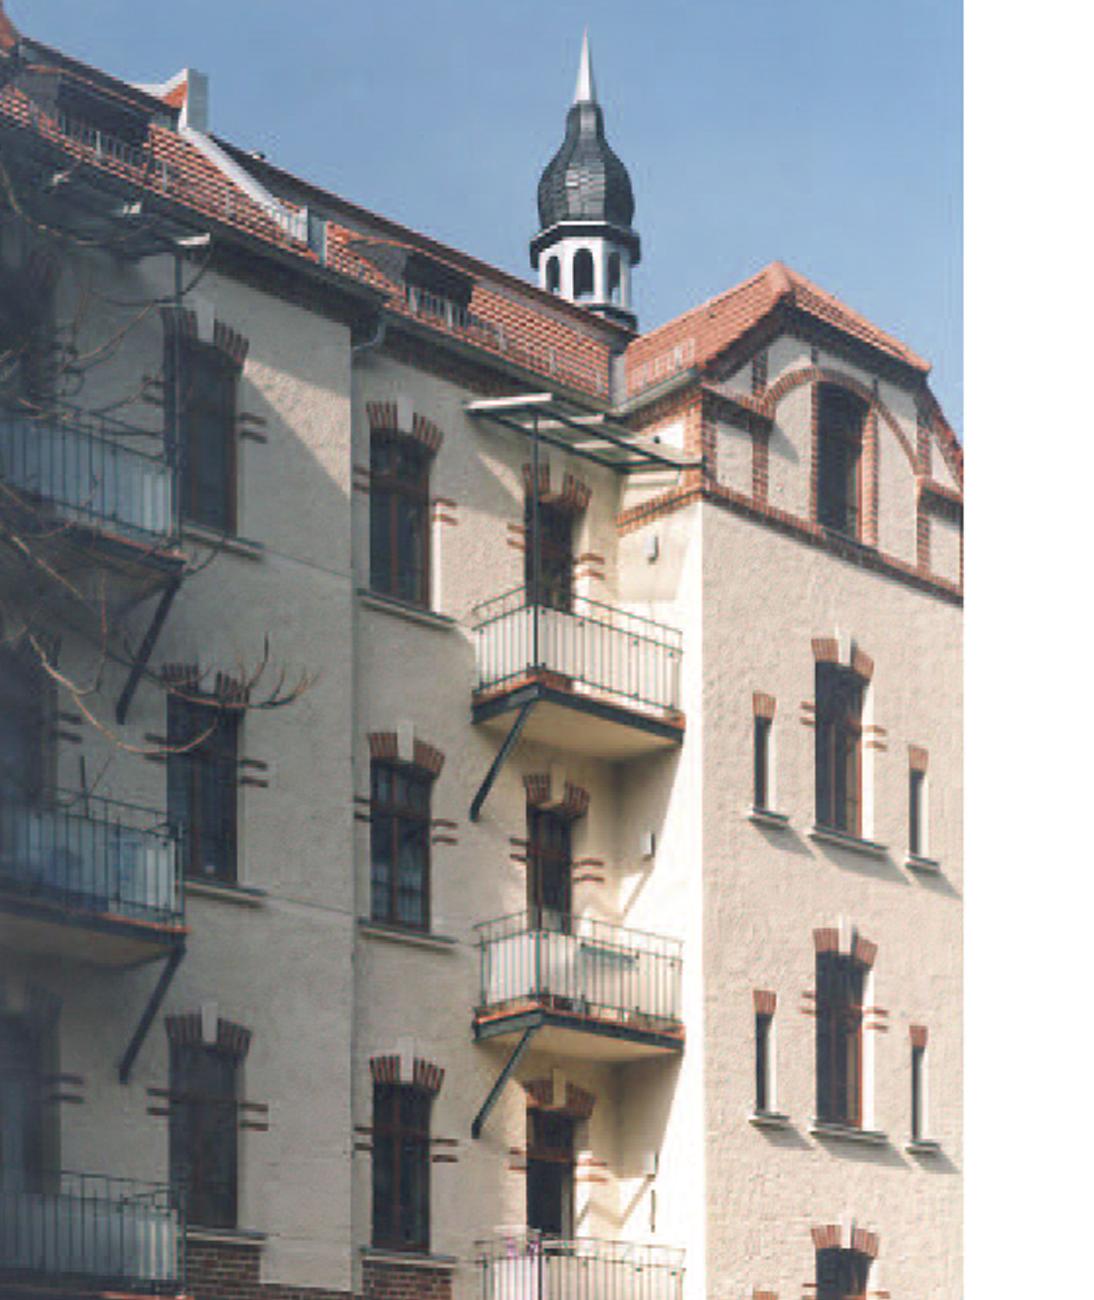 Meyer'sche Häuser - Fassade © M. Kluge